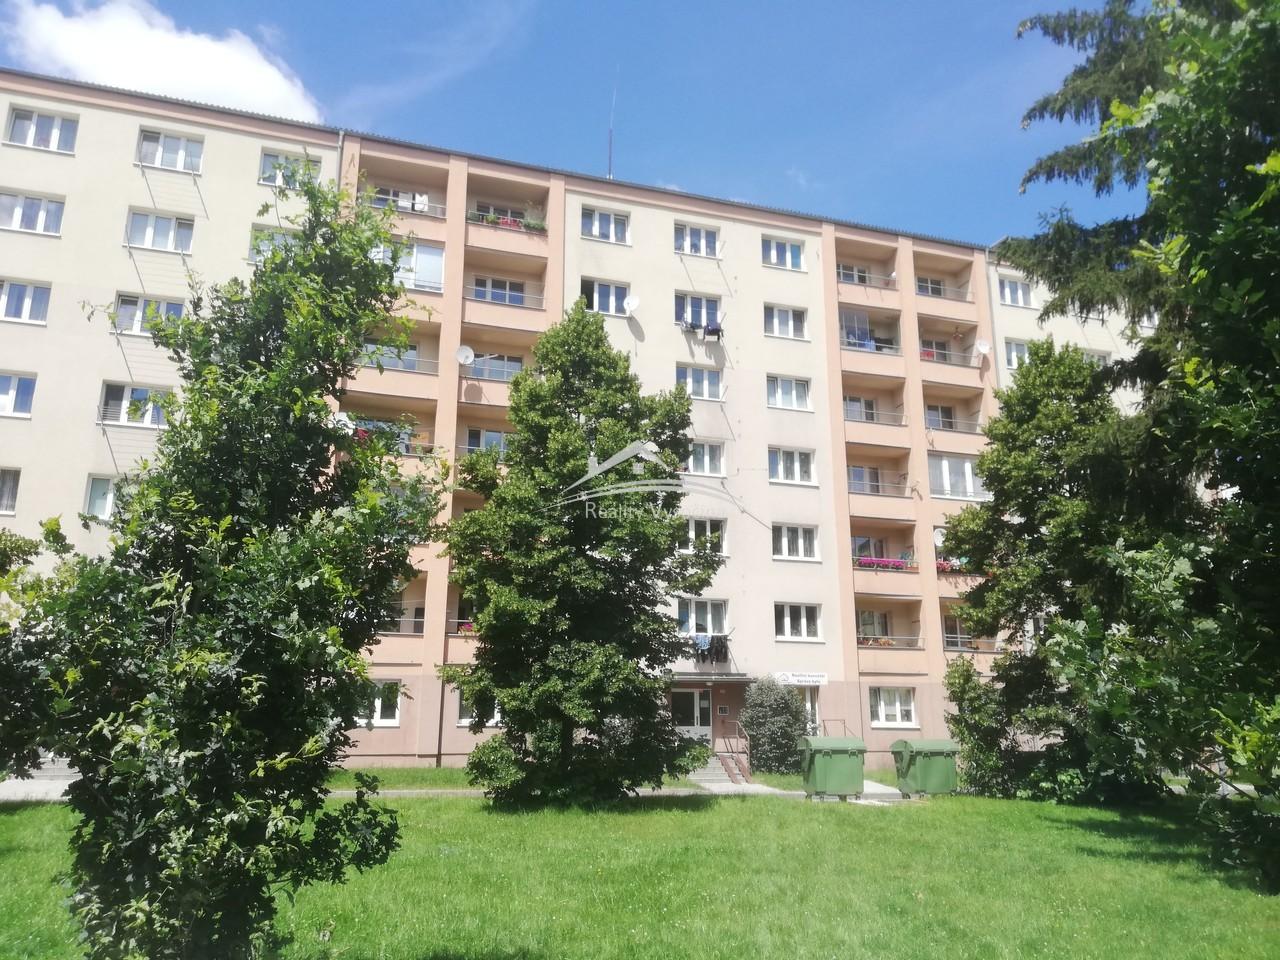 Bytová jednotka 2KK, Chodov okr. Sokolov.